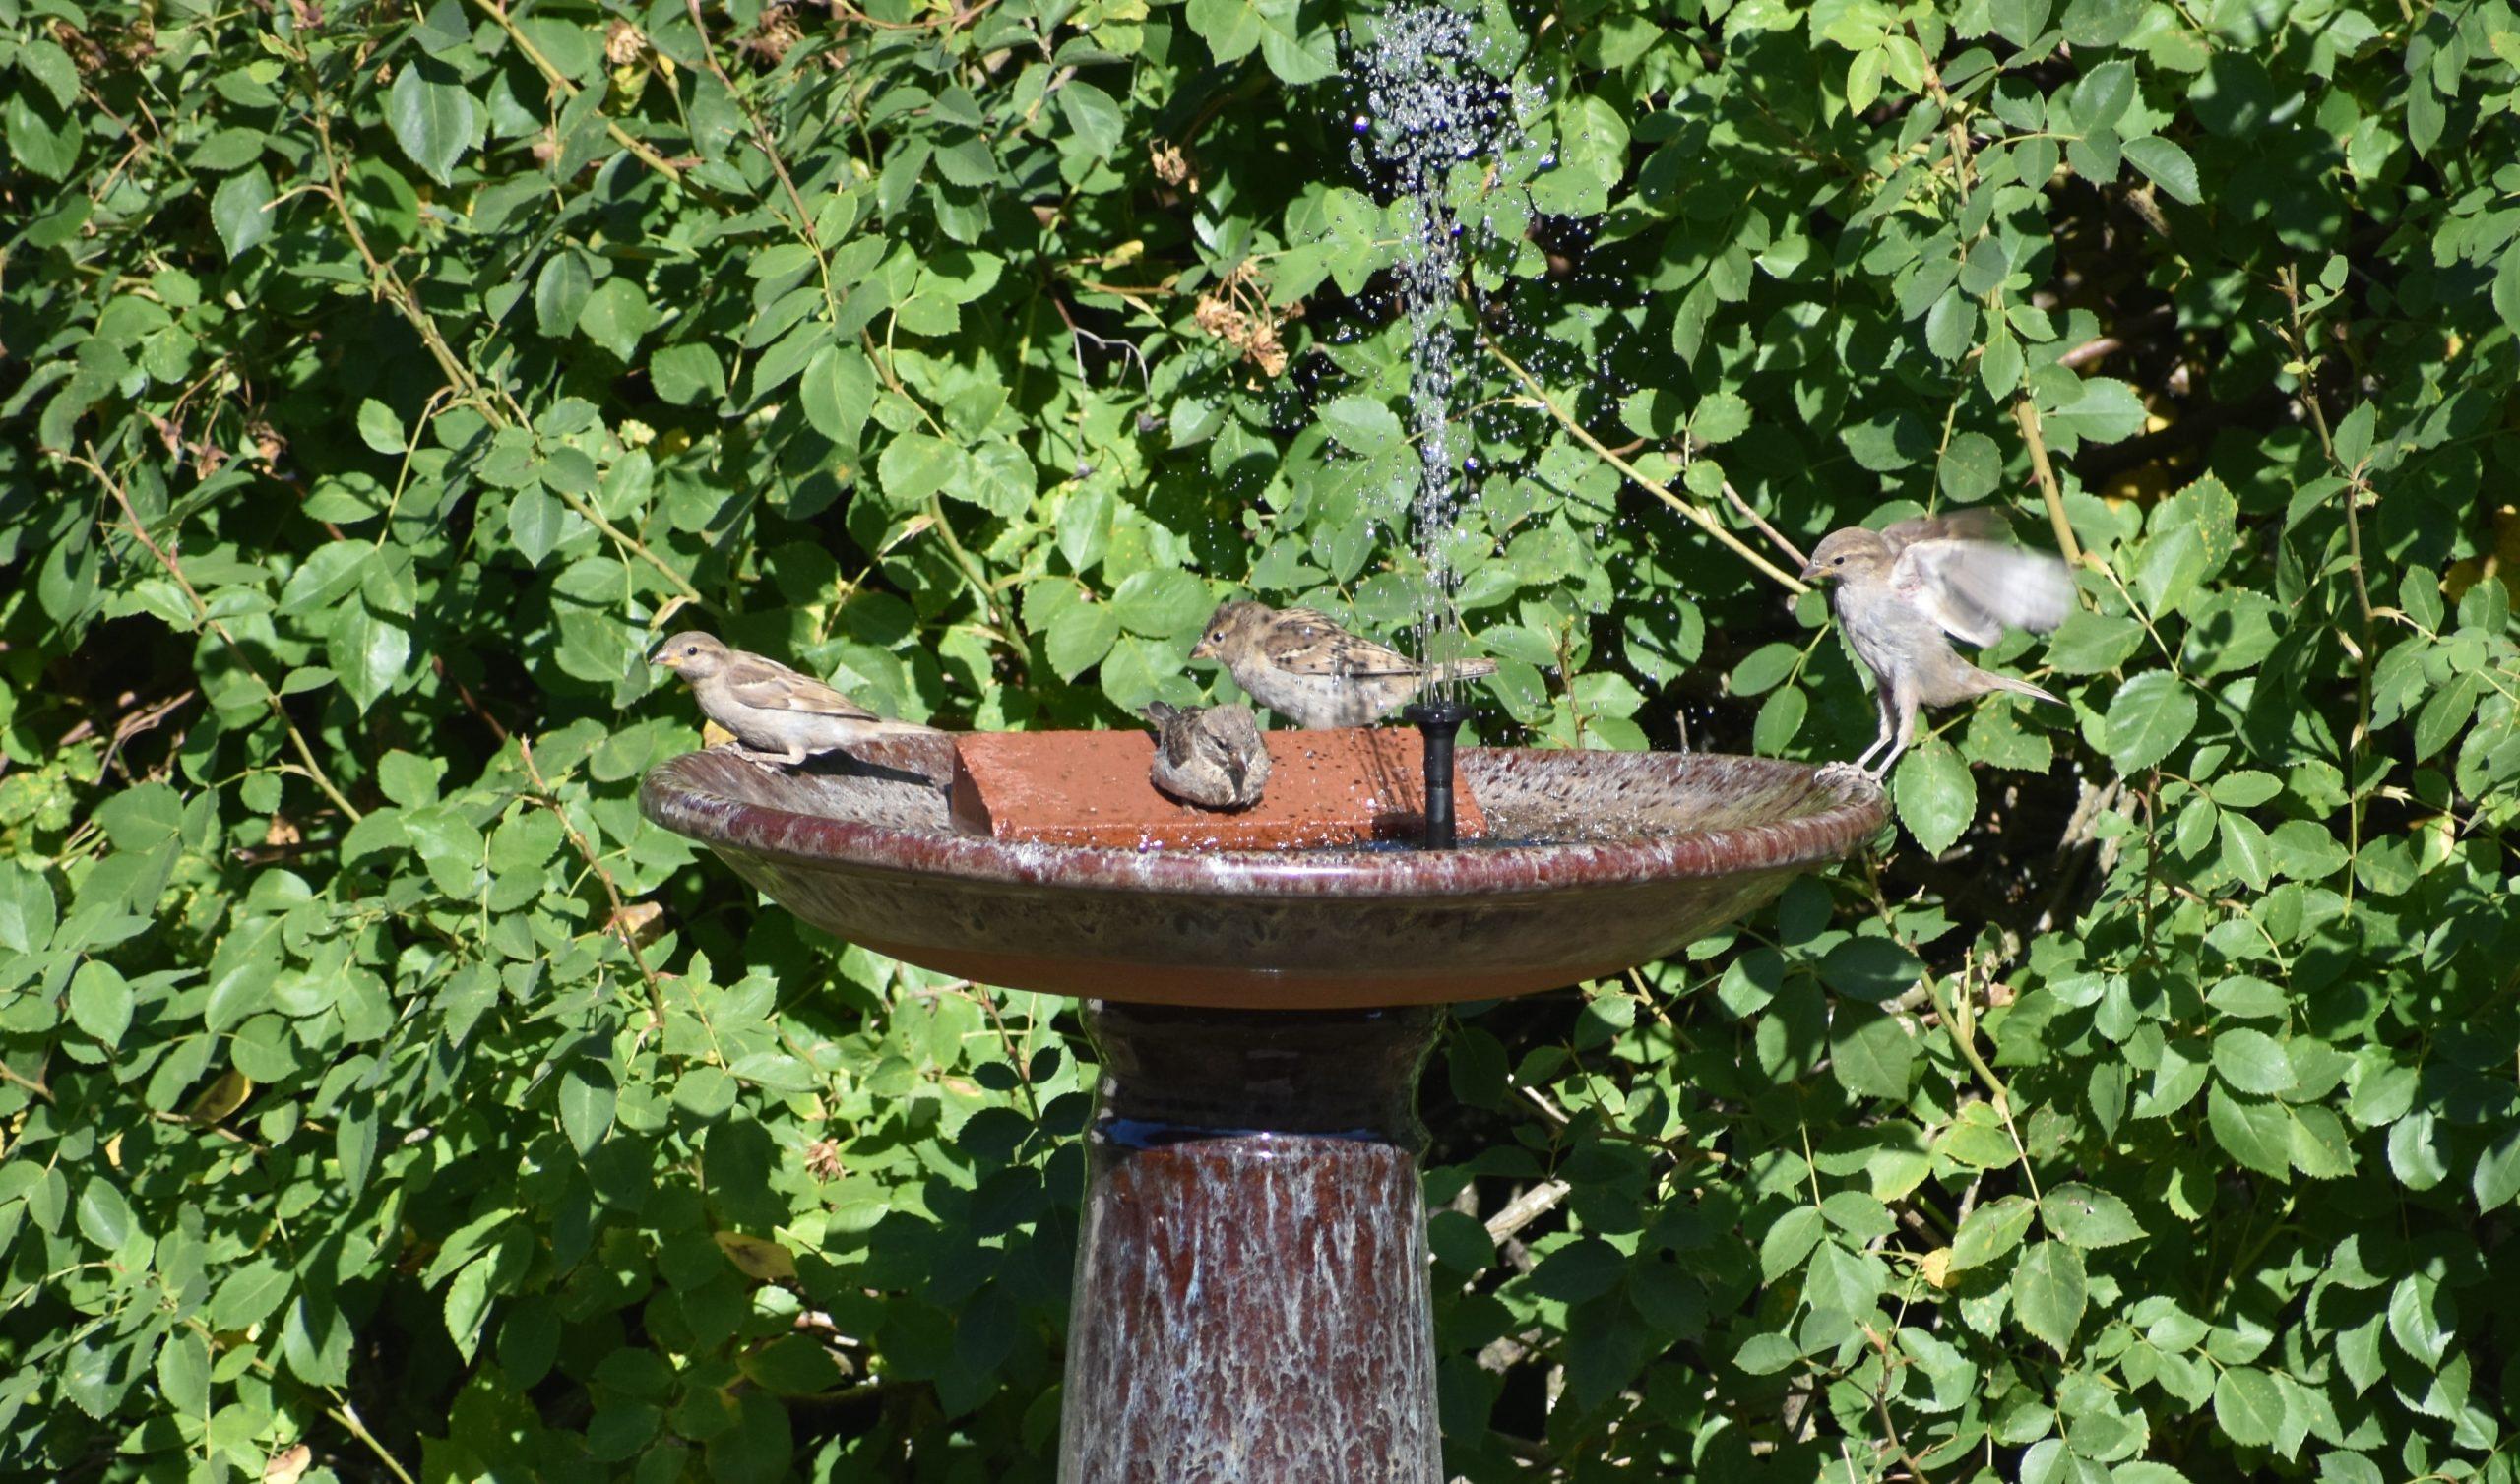 Help wildlife during heatwaves - birdbath